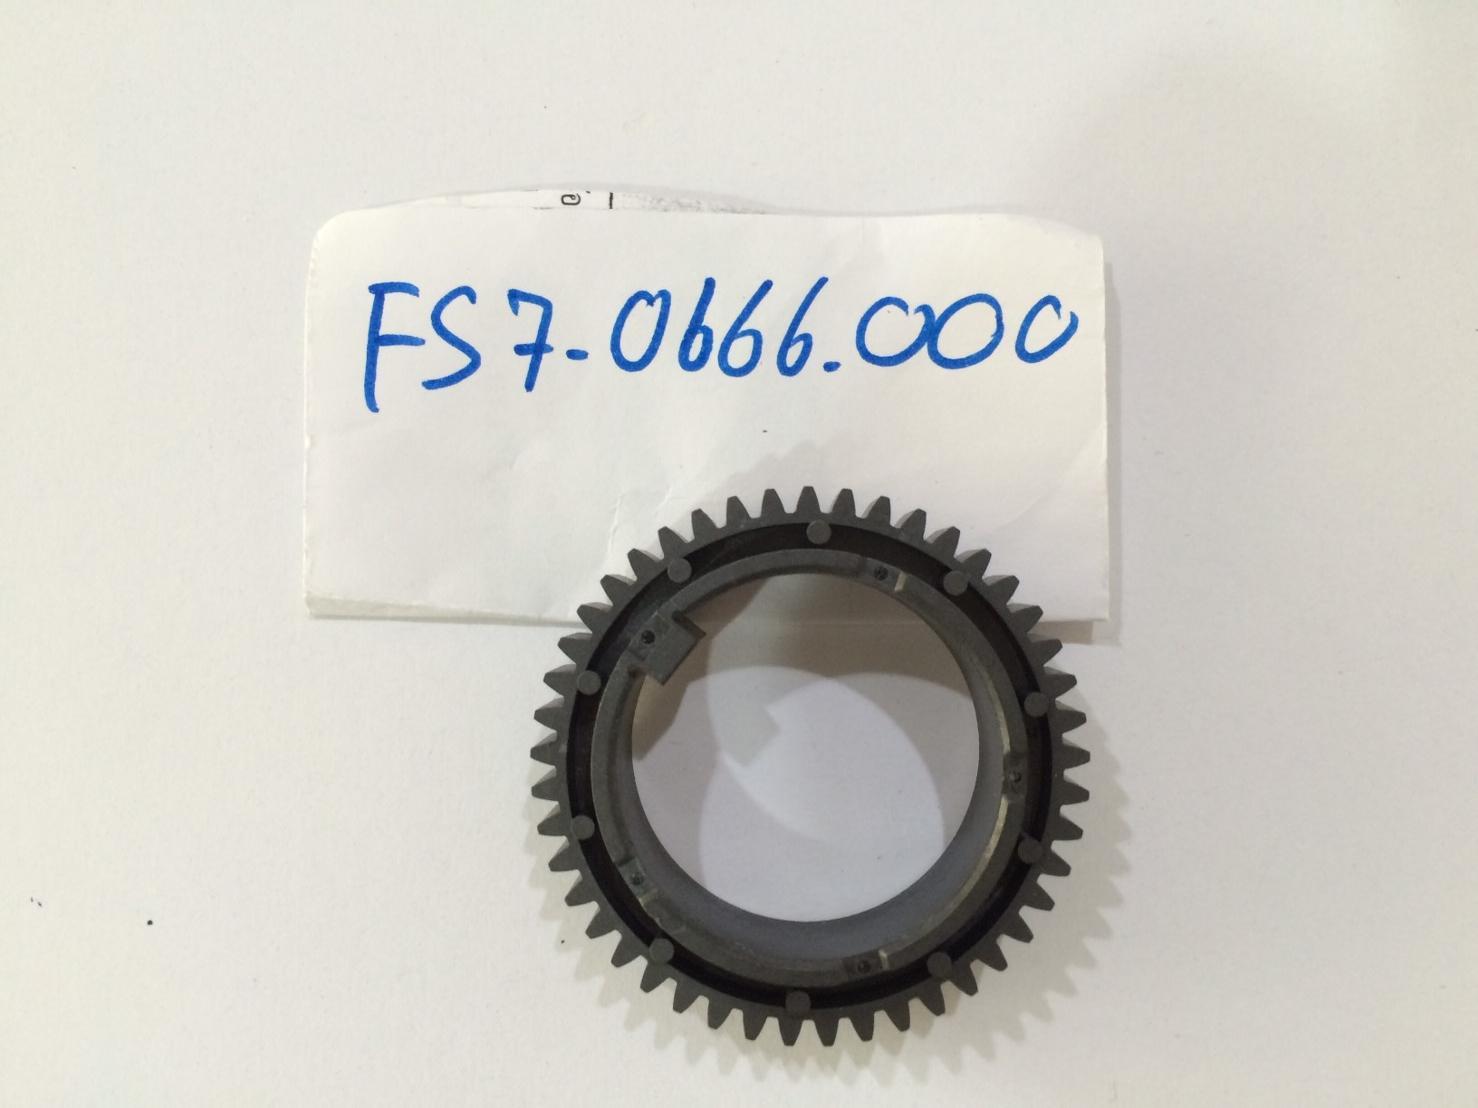 Canon FS7-0666-000 45T Fuser Gear